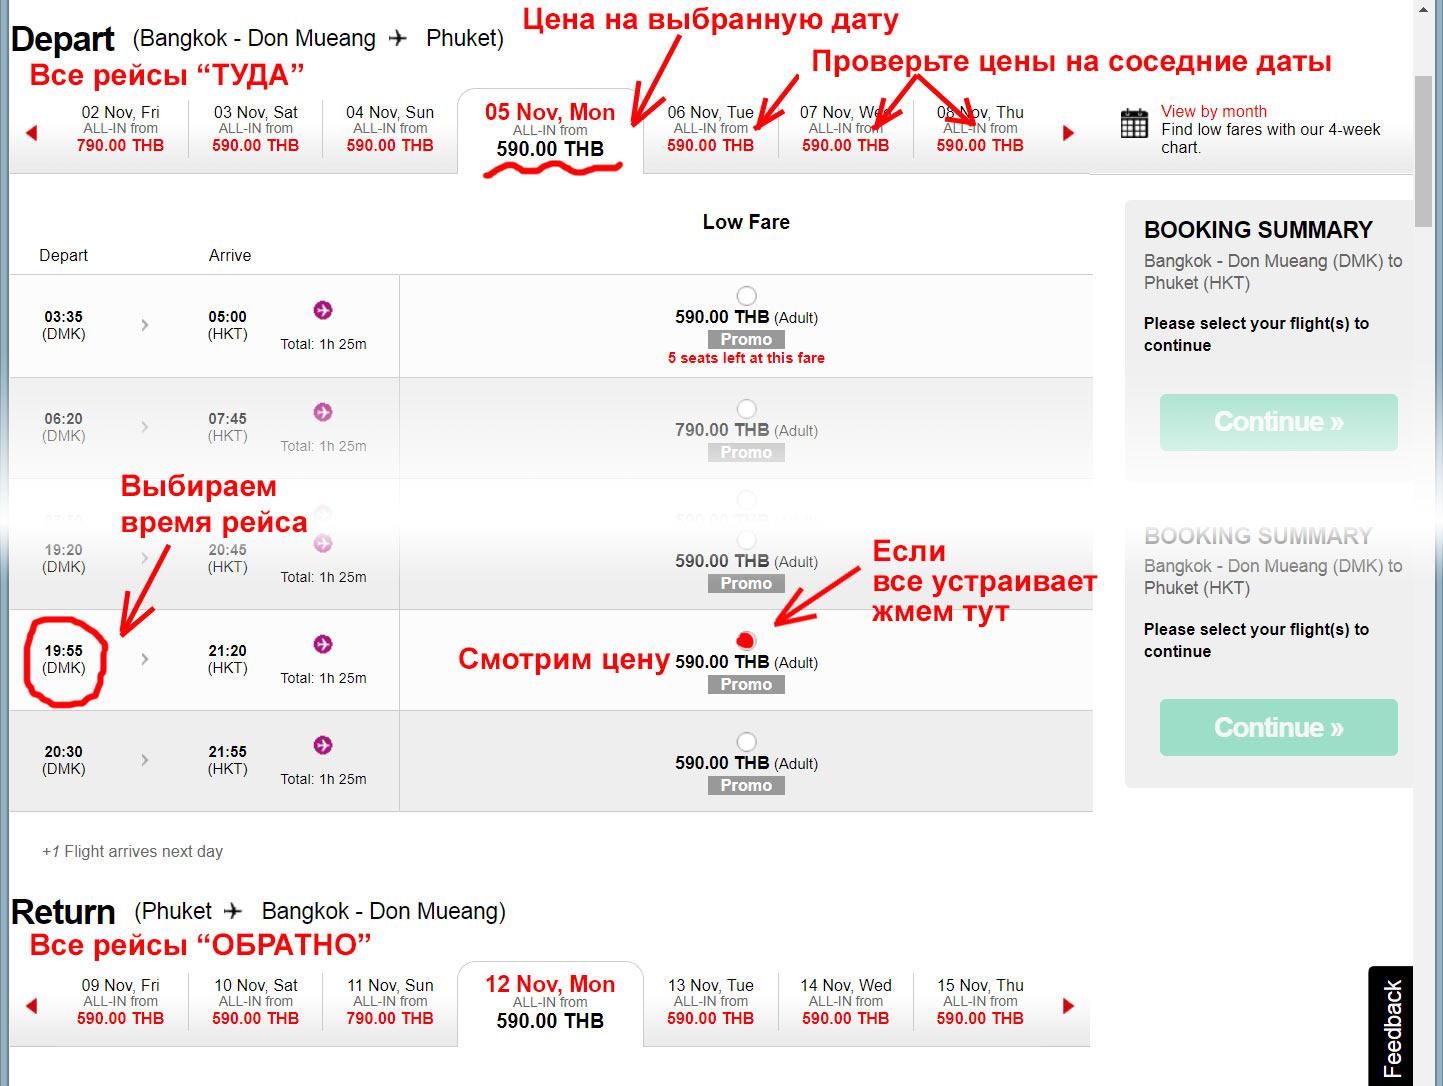 Как купить авиабилеты AirAsia. Рейс Бангкок - Пхукет